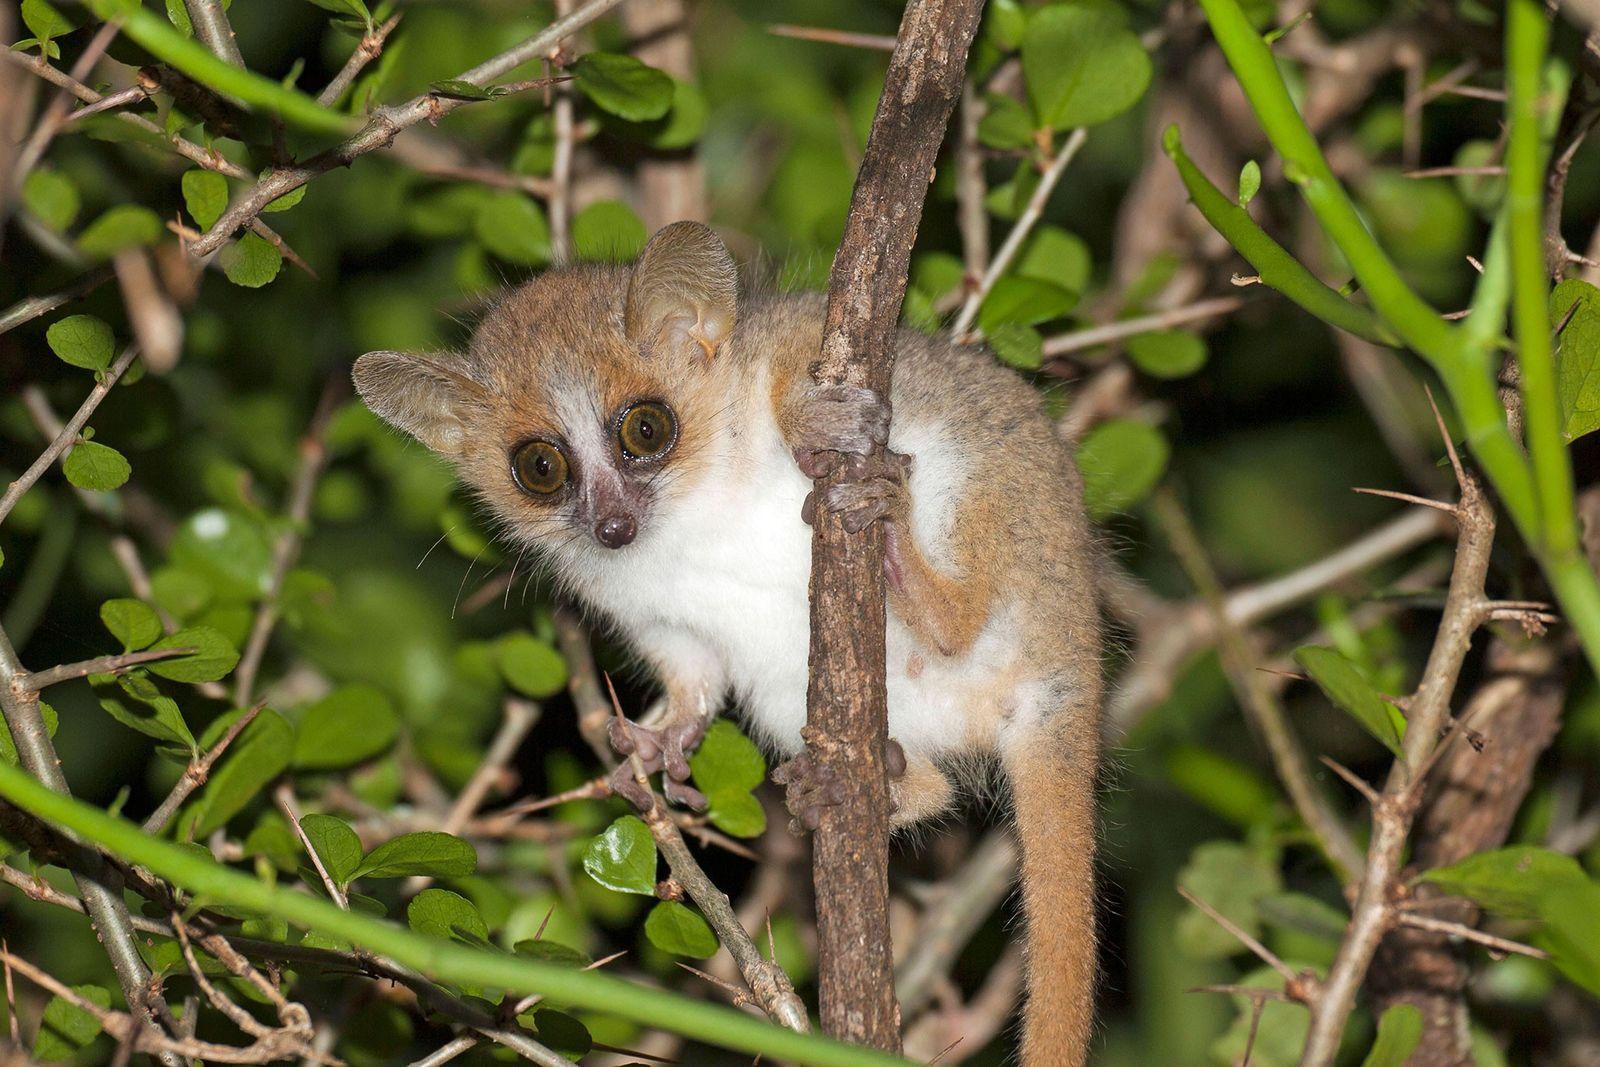 Un lémur ratón gris rojizo